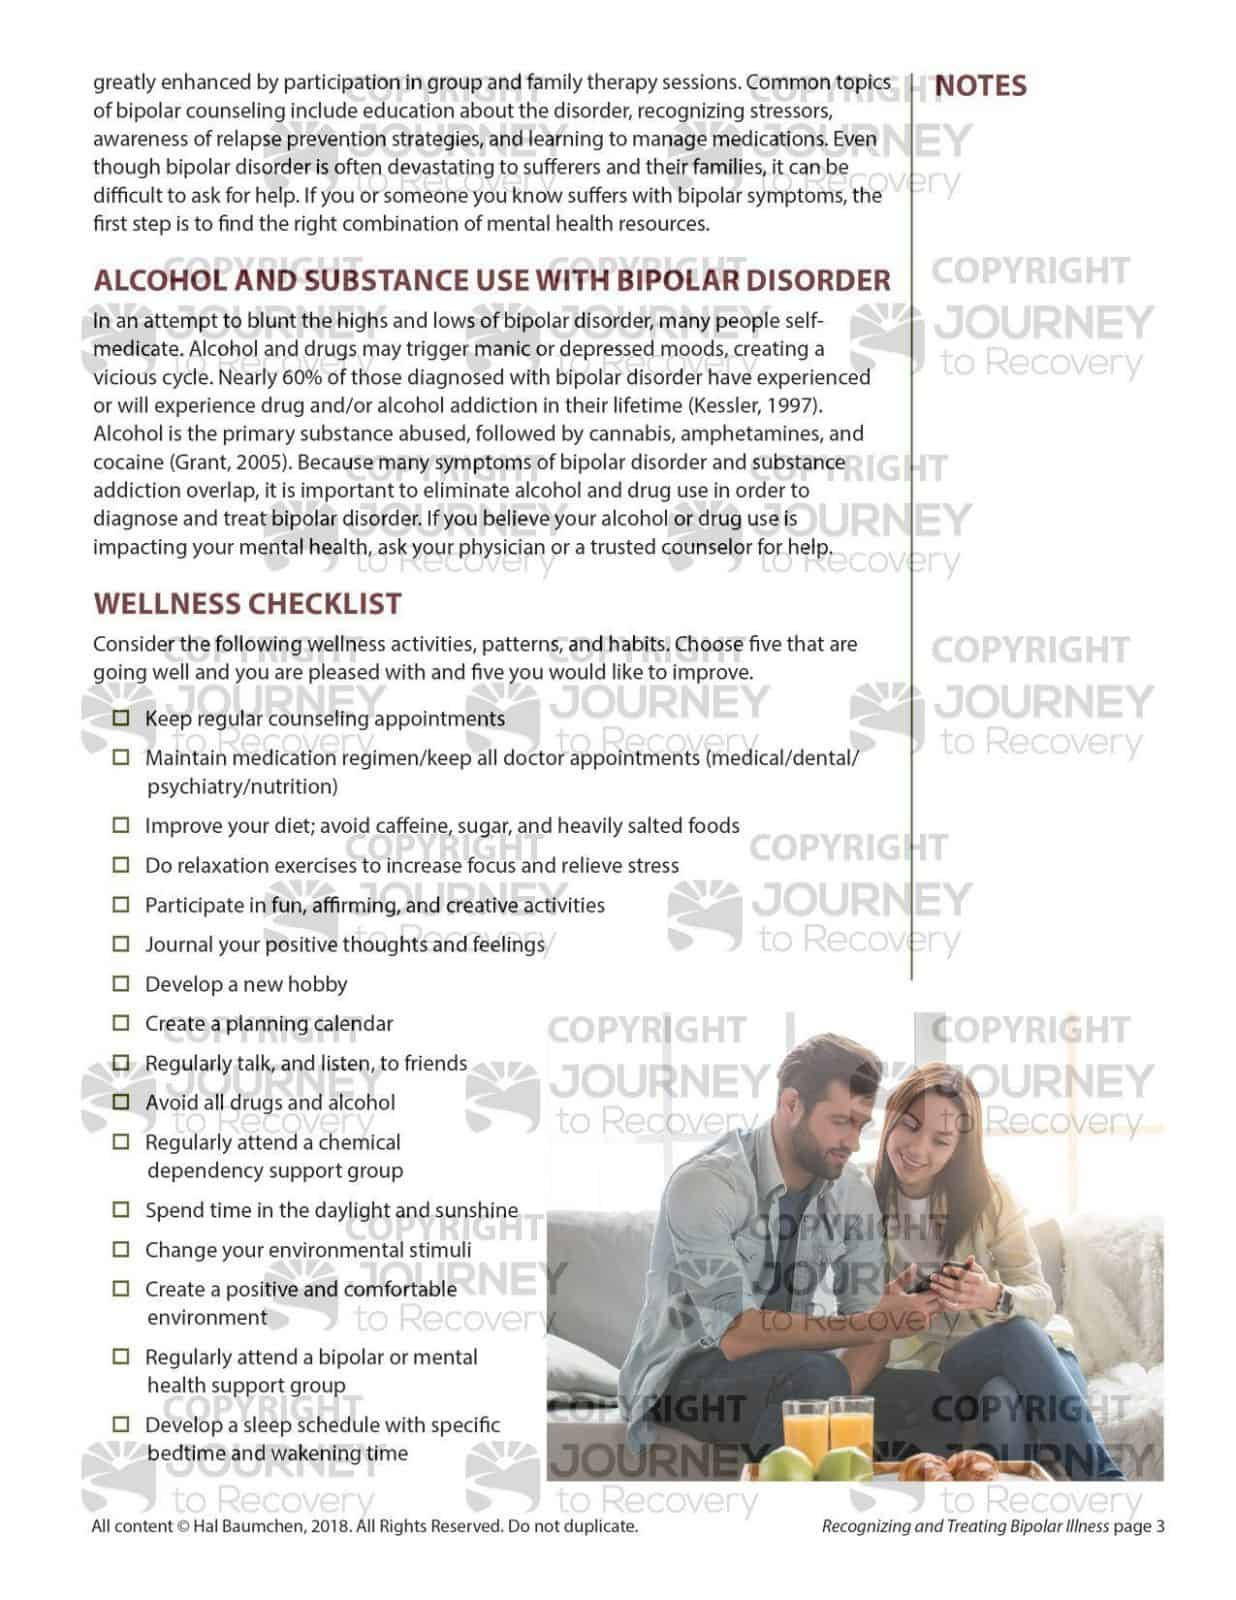 Worksheet For Bipolar Disorder